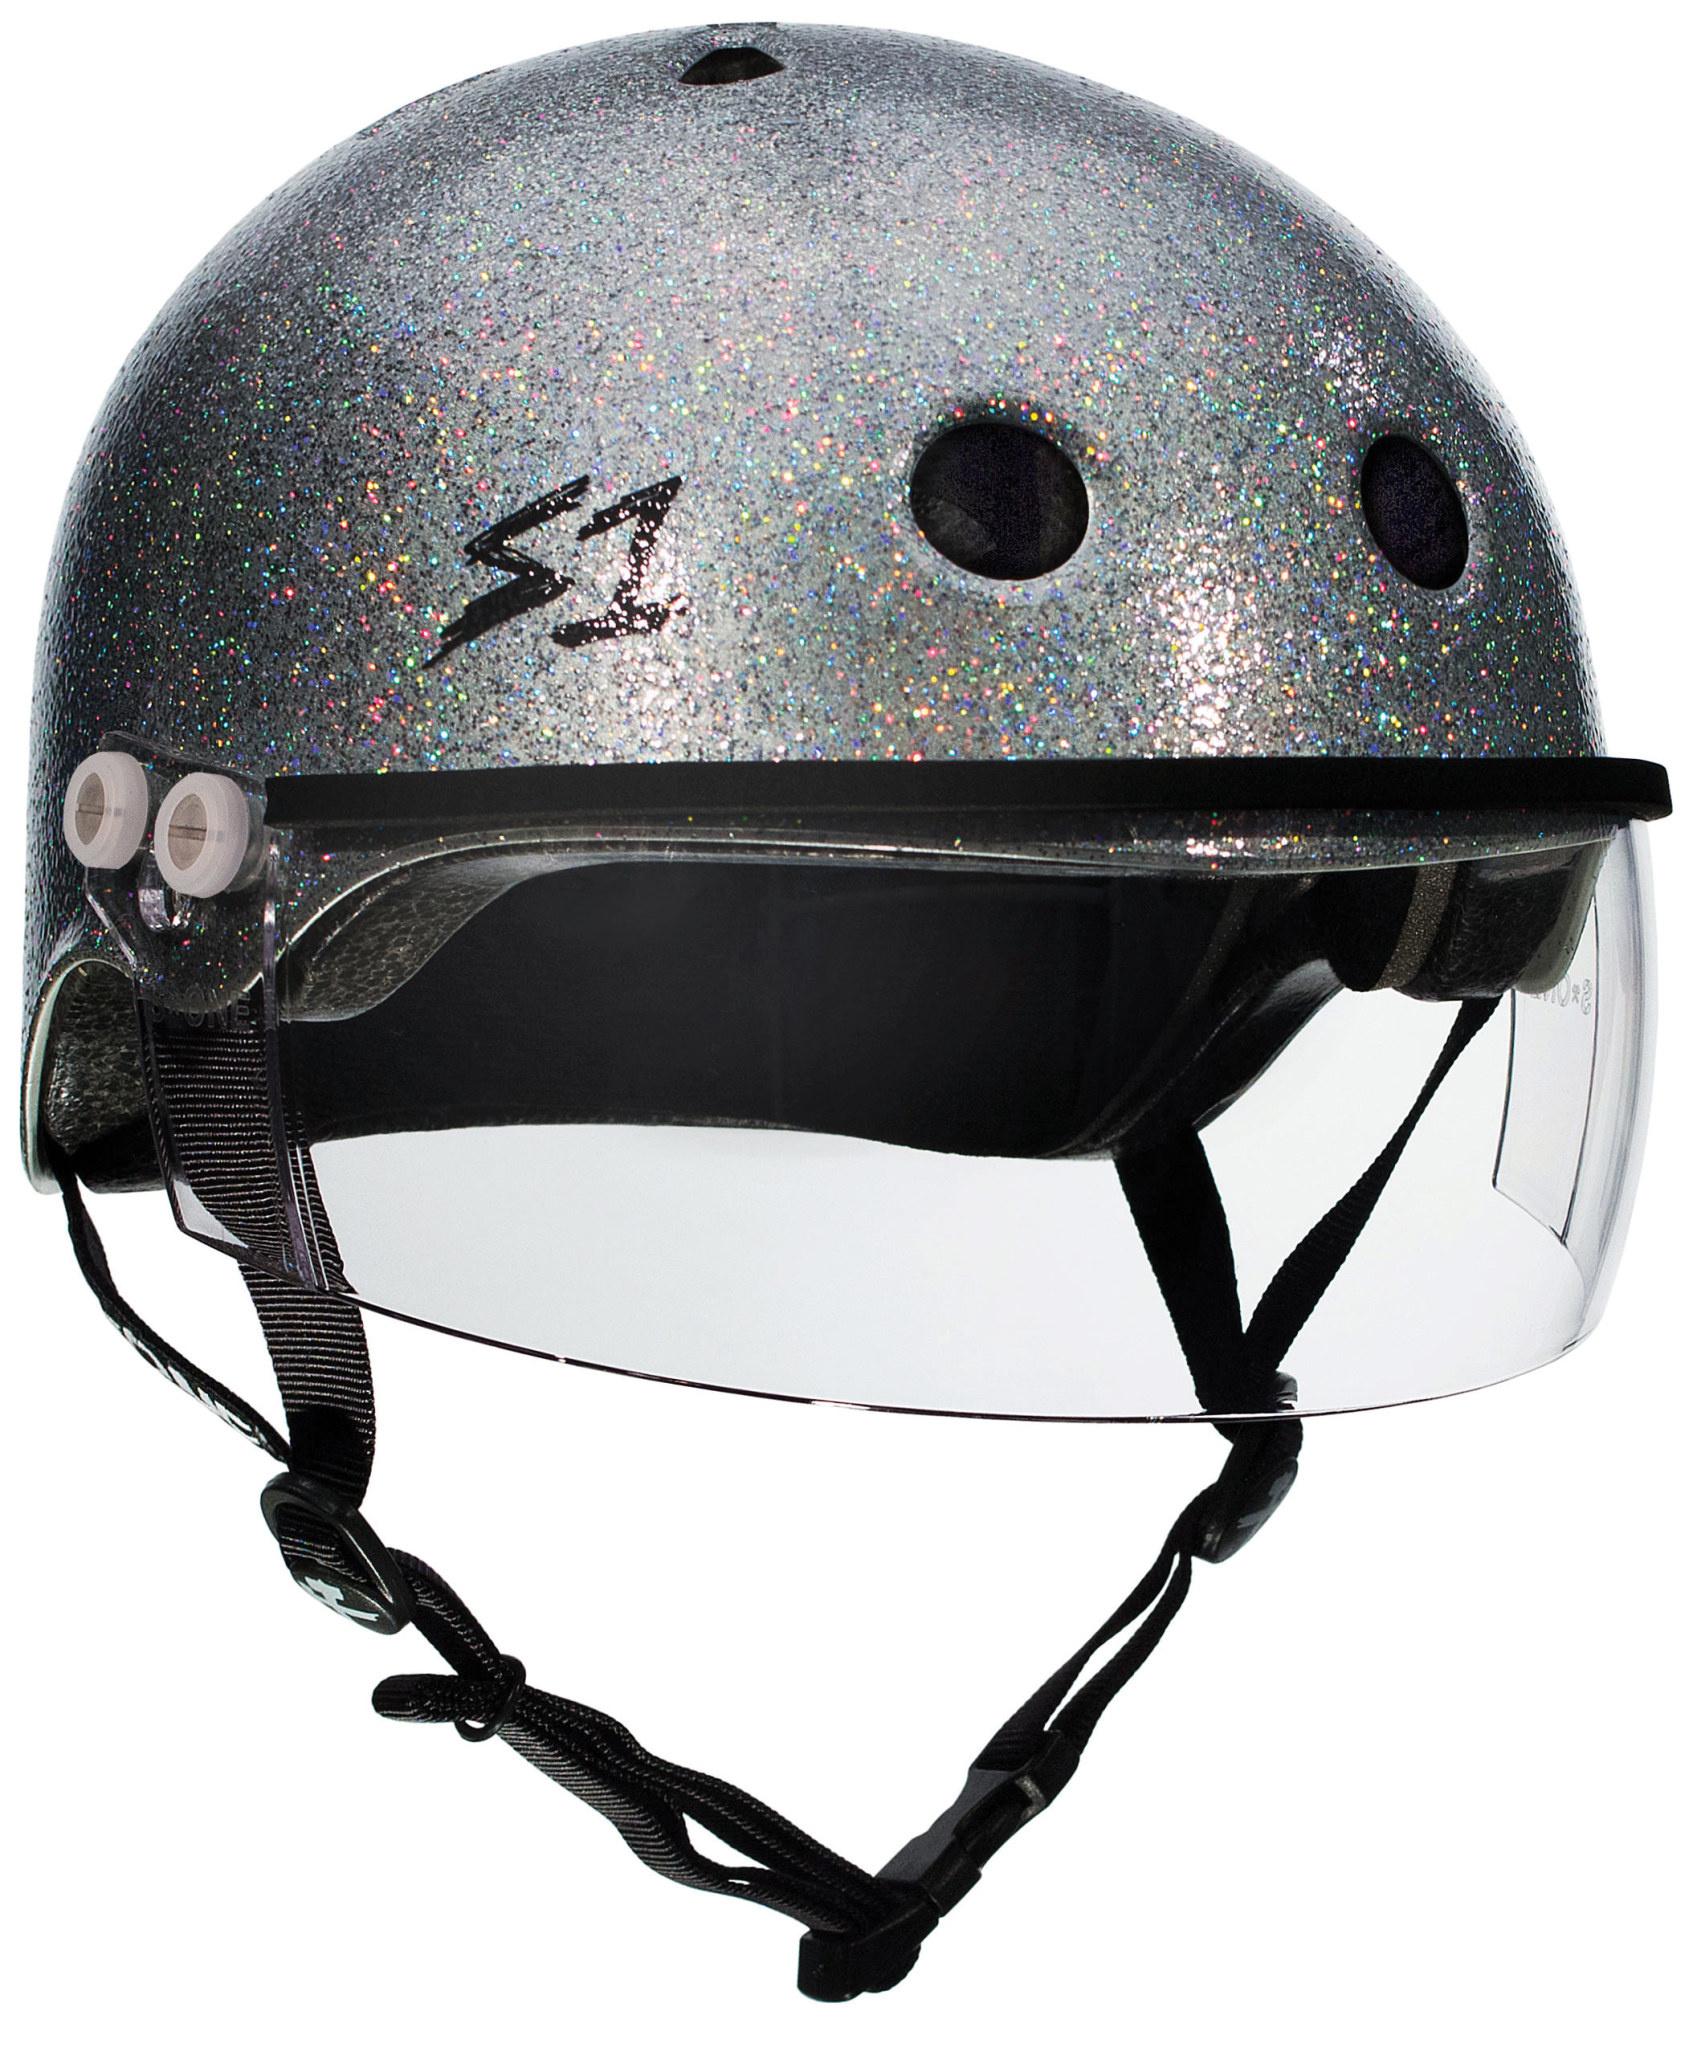 S-1 Lifer Visor Helmet - Silver Glitter Gloss